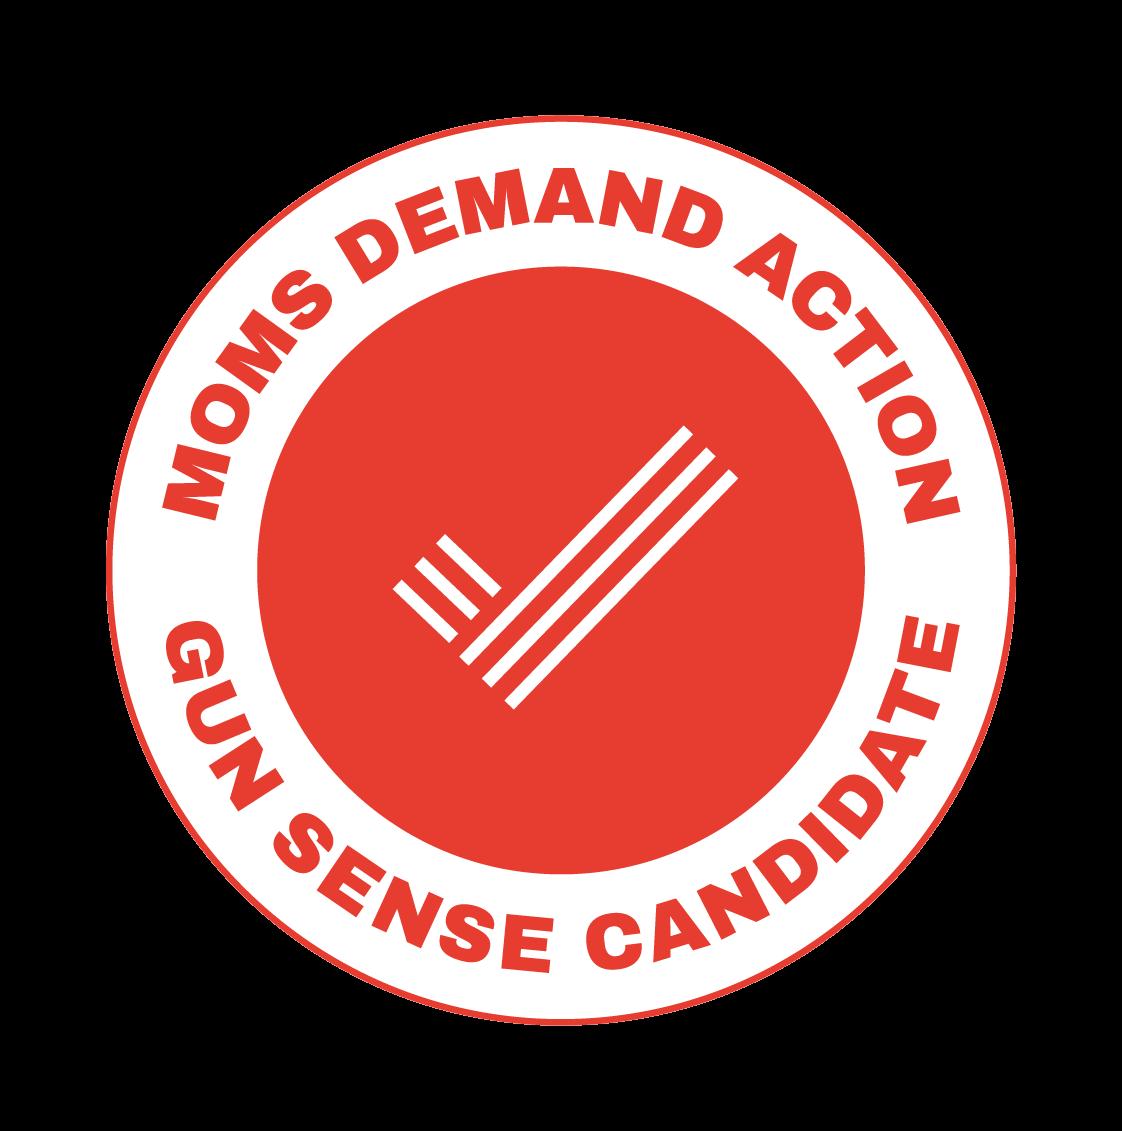 mda-gun-sense-candidate_logo.png